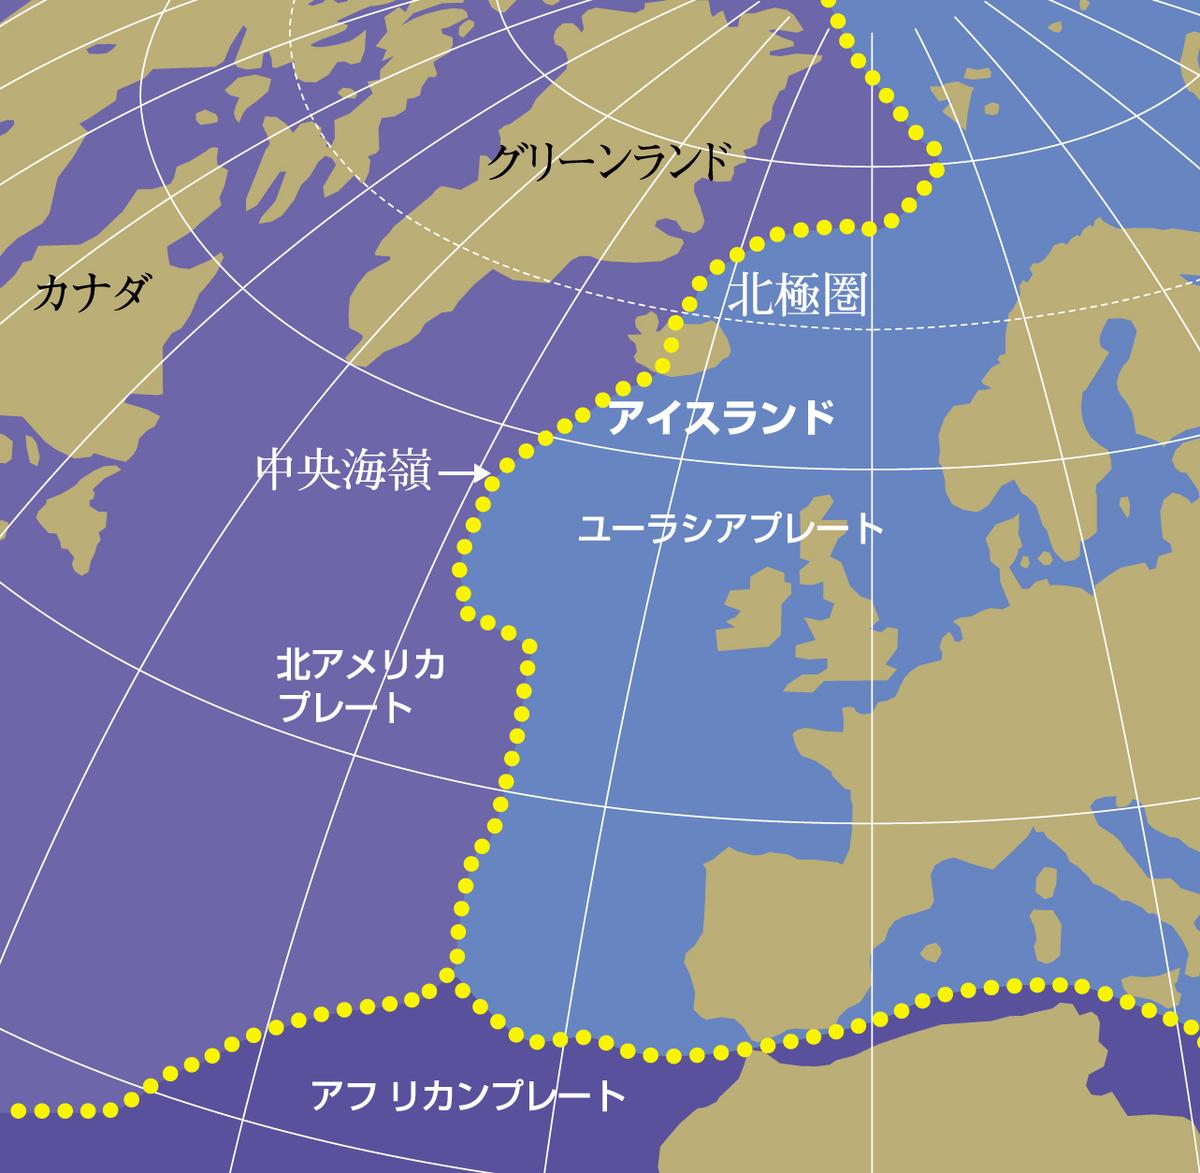 f:id:mori-no-kuma:20190606232615j:plain